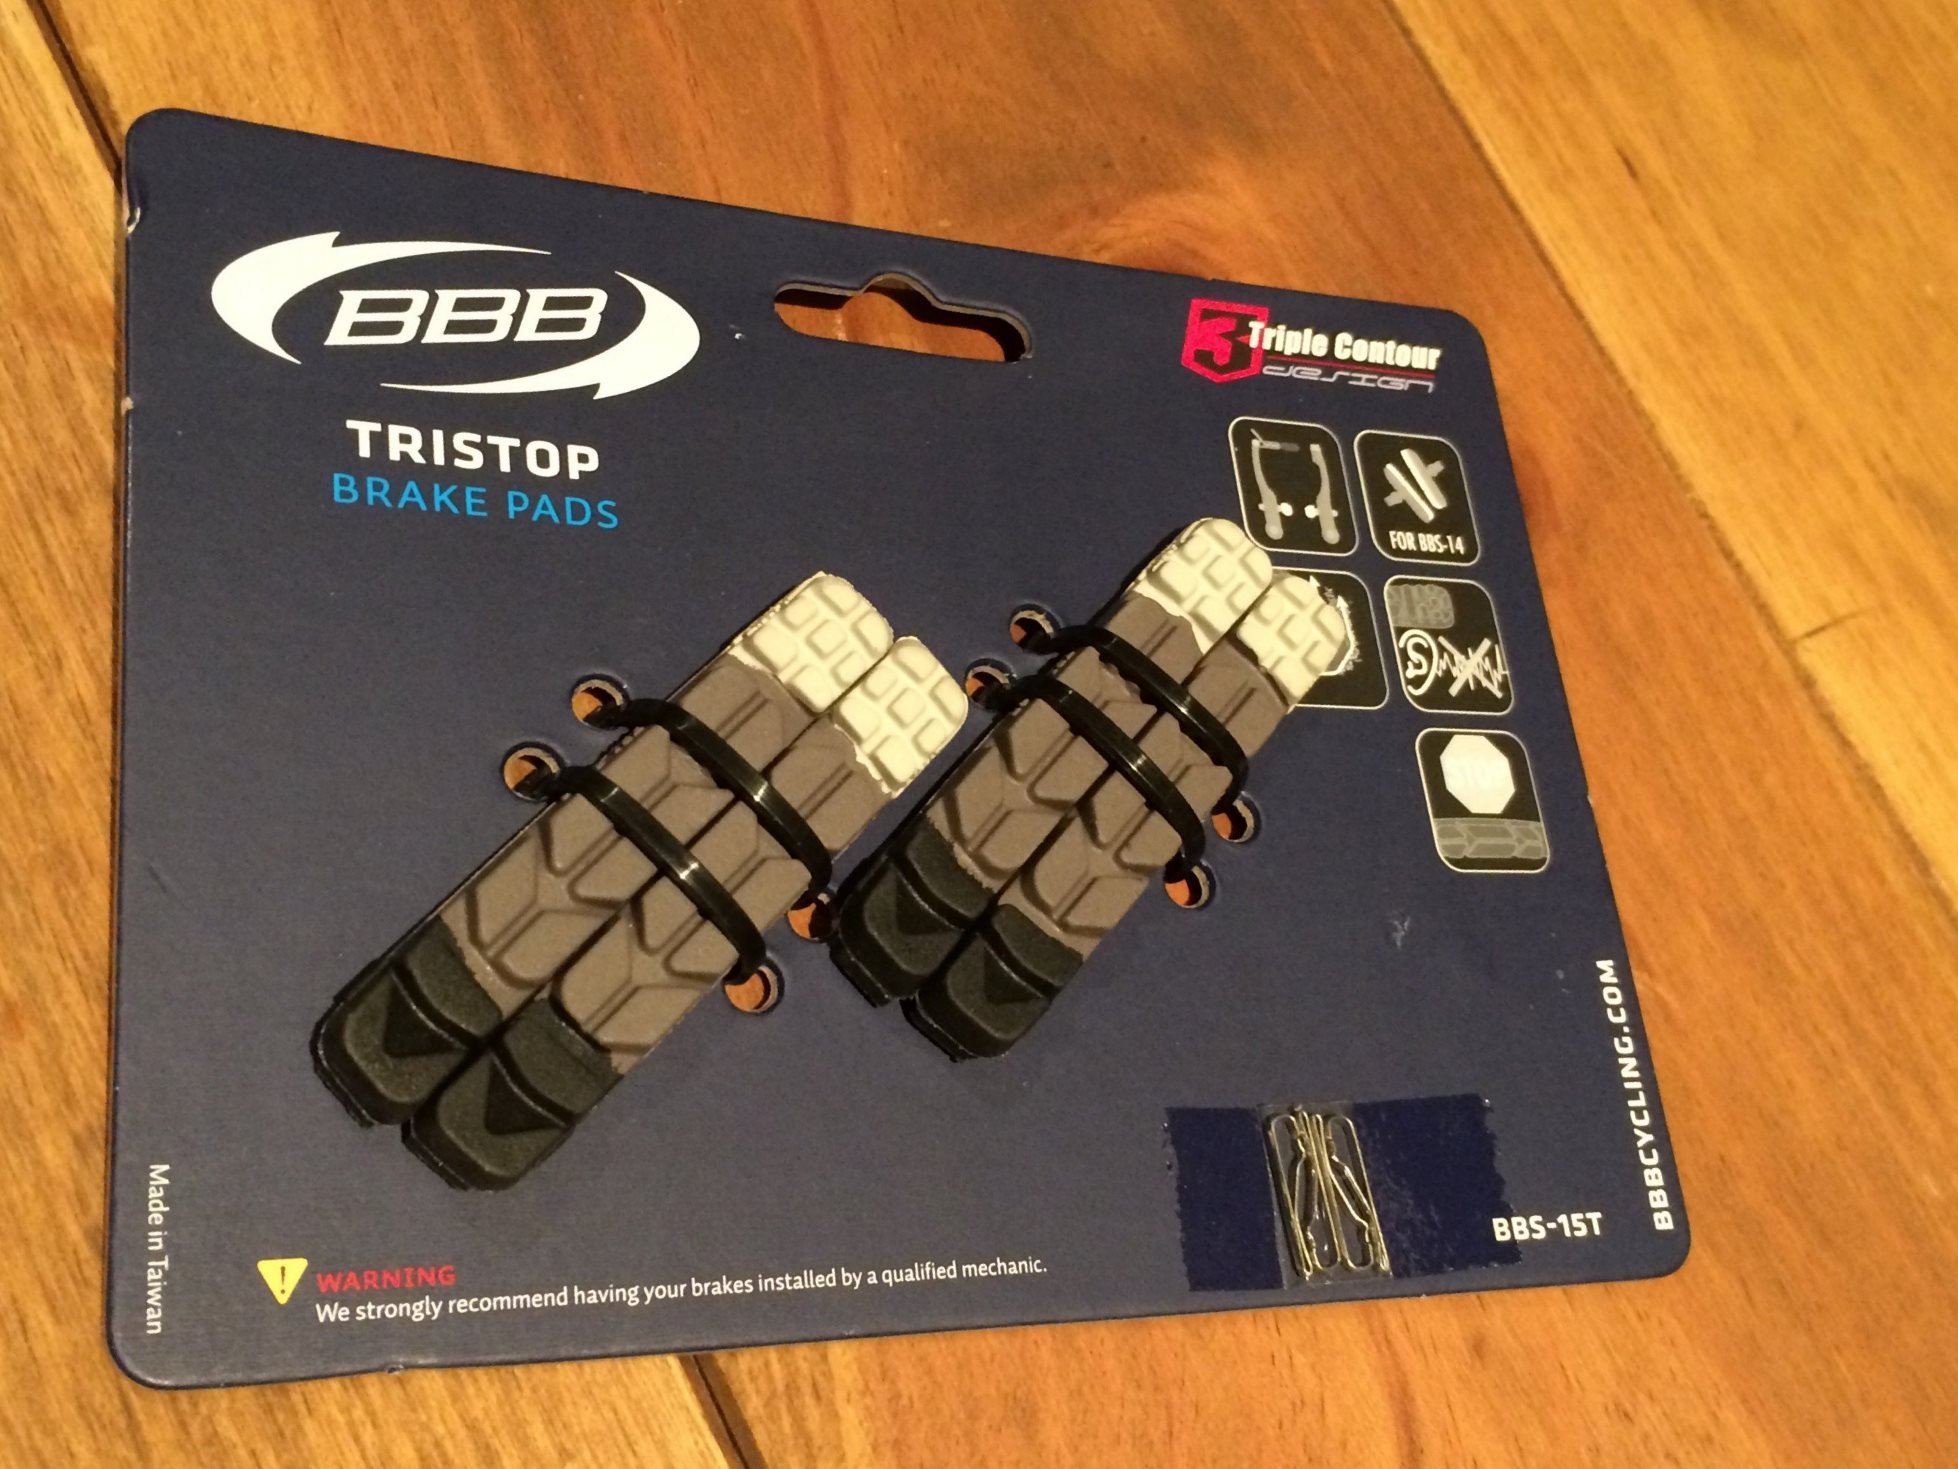 ブレーキシュー交換しました(BBB BBS-15T tristop)